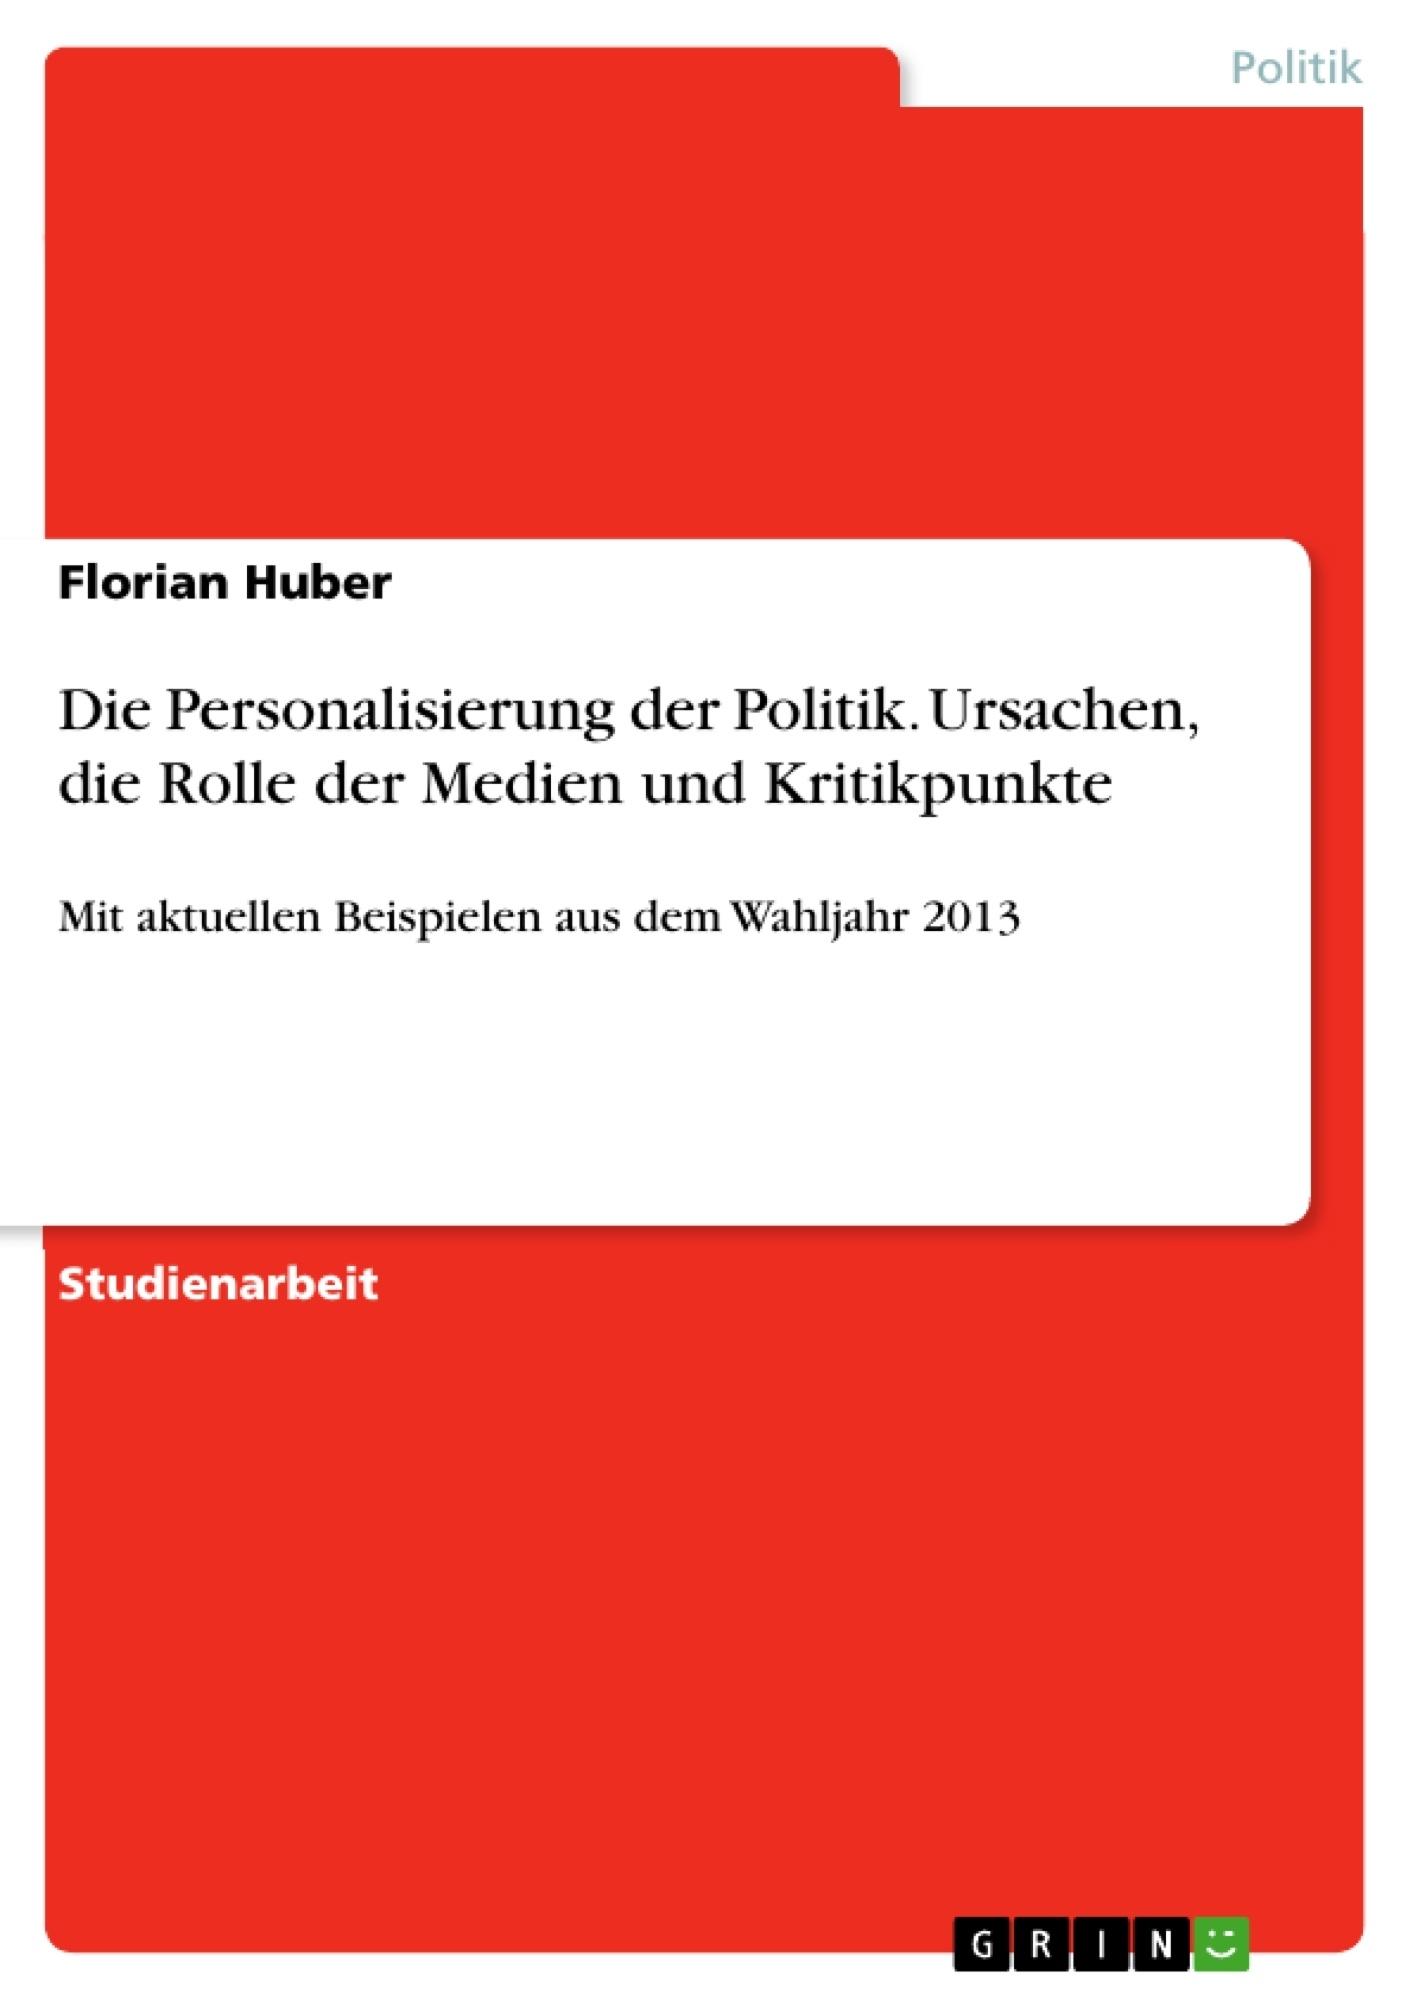 Titel: Die Personalisierung der Politik. Ursachen, die Rolle der Medien und Kritikpunkte